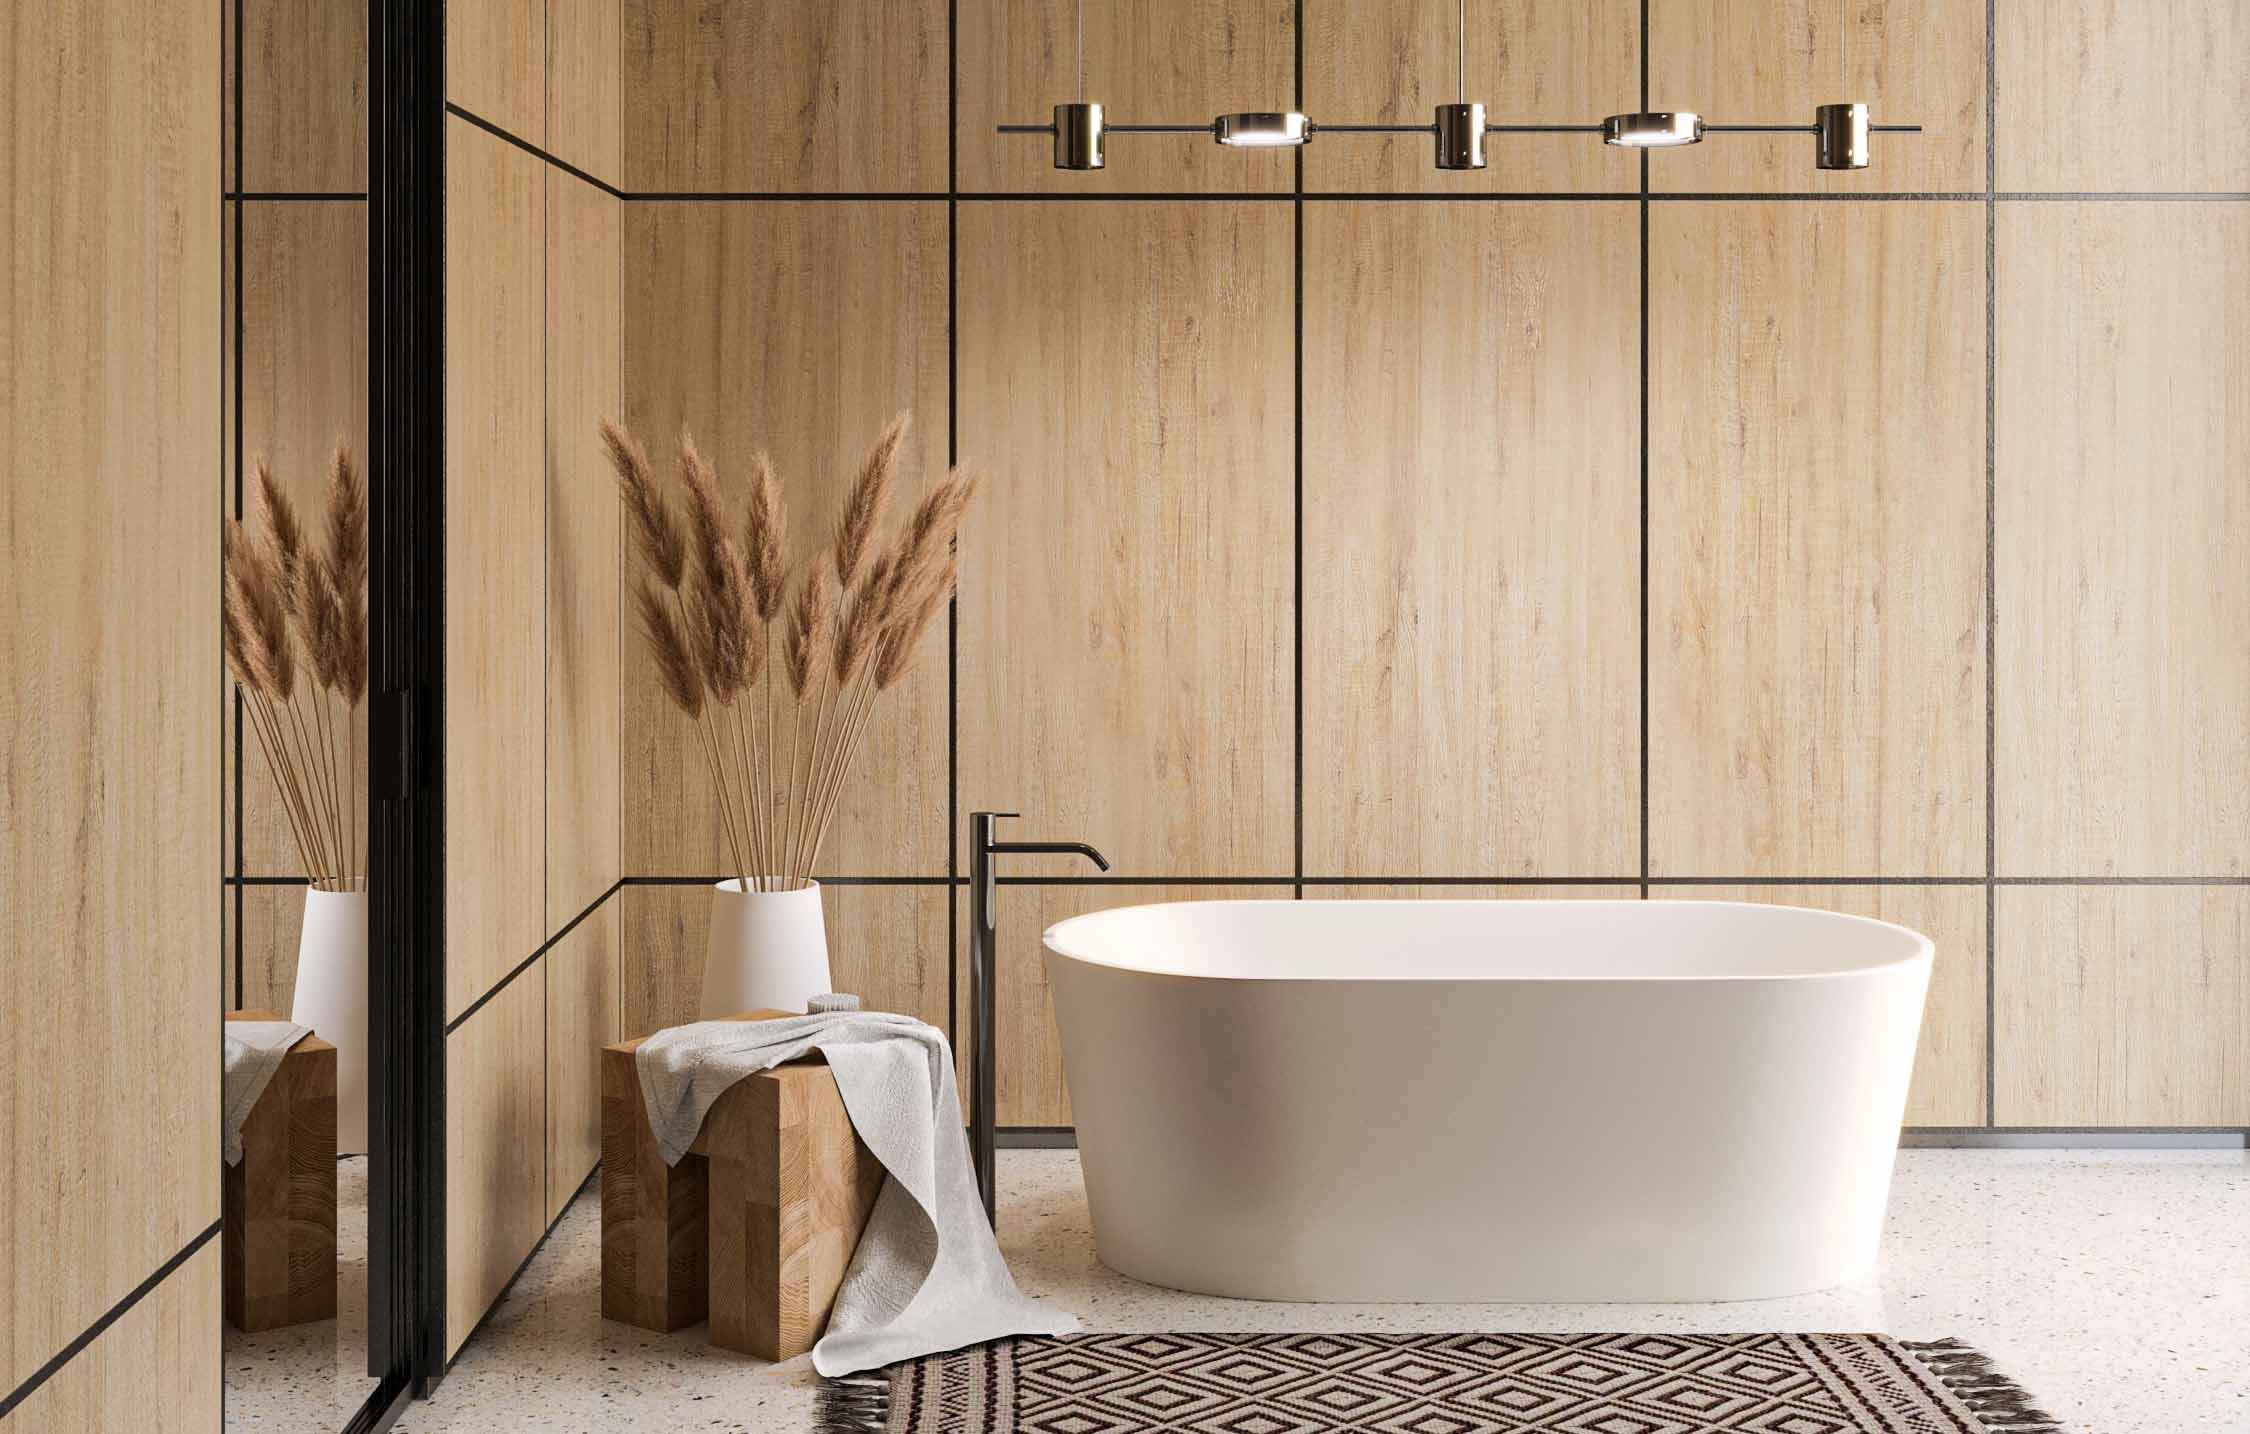 Bagno con boiserie in legno a pannelli